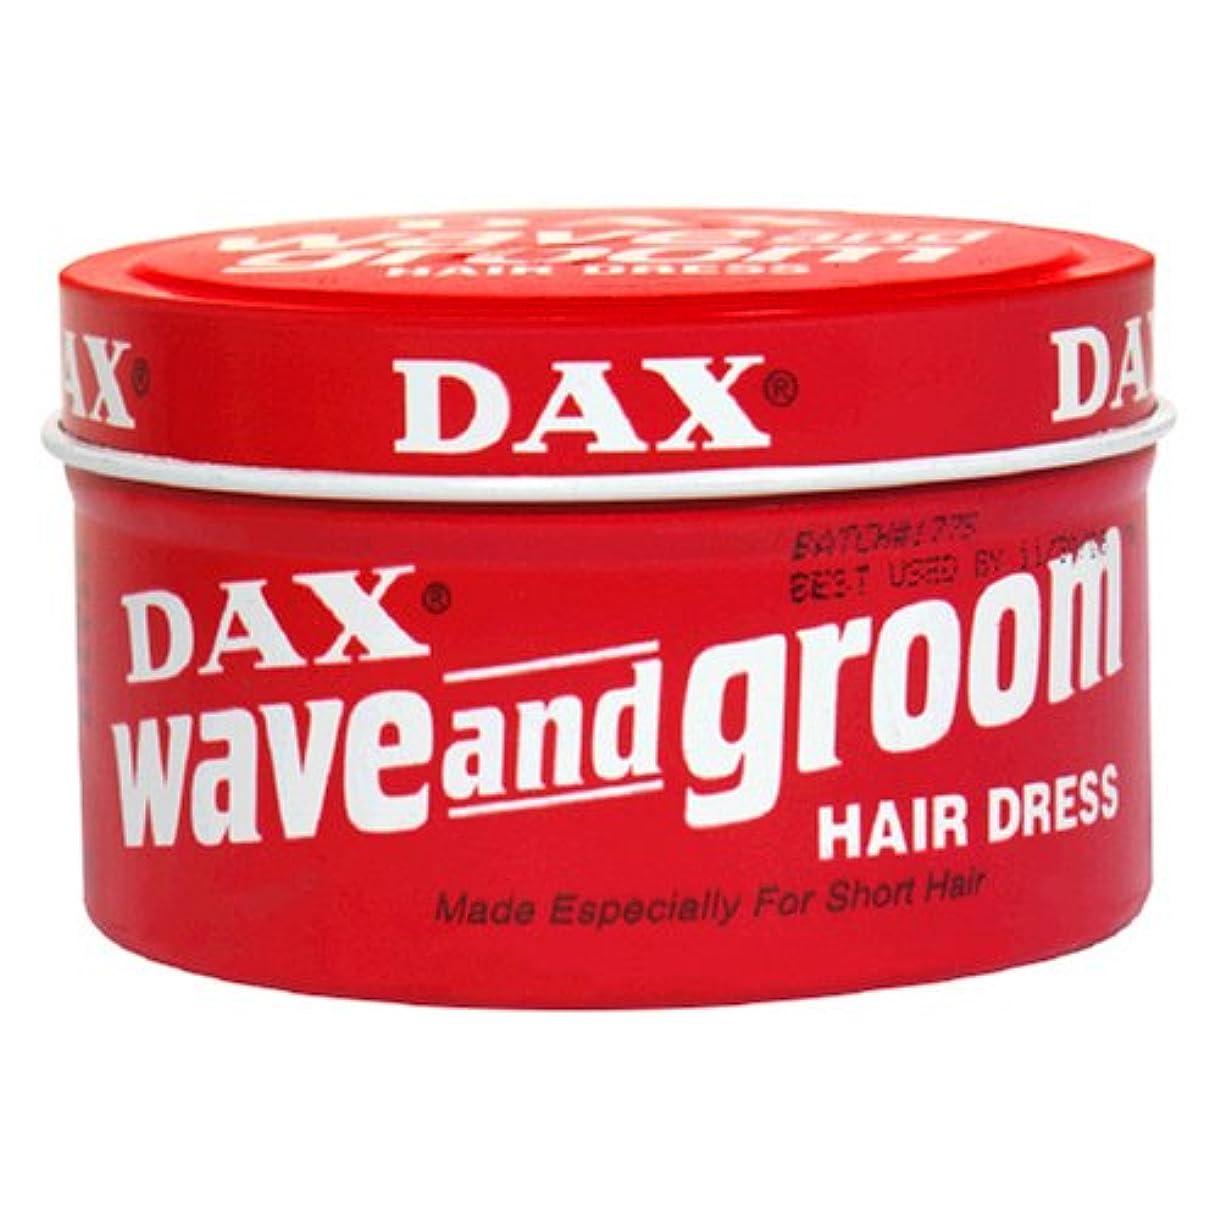 雷雨シャンパン写真撮影Dax Wave & Groom Hair Dress 99 gm Jar (Case of 6) (並行輸入品)